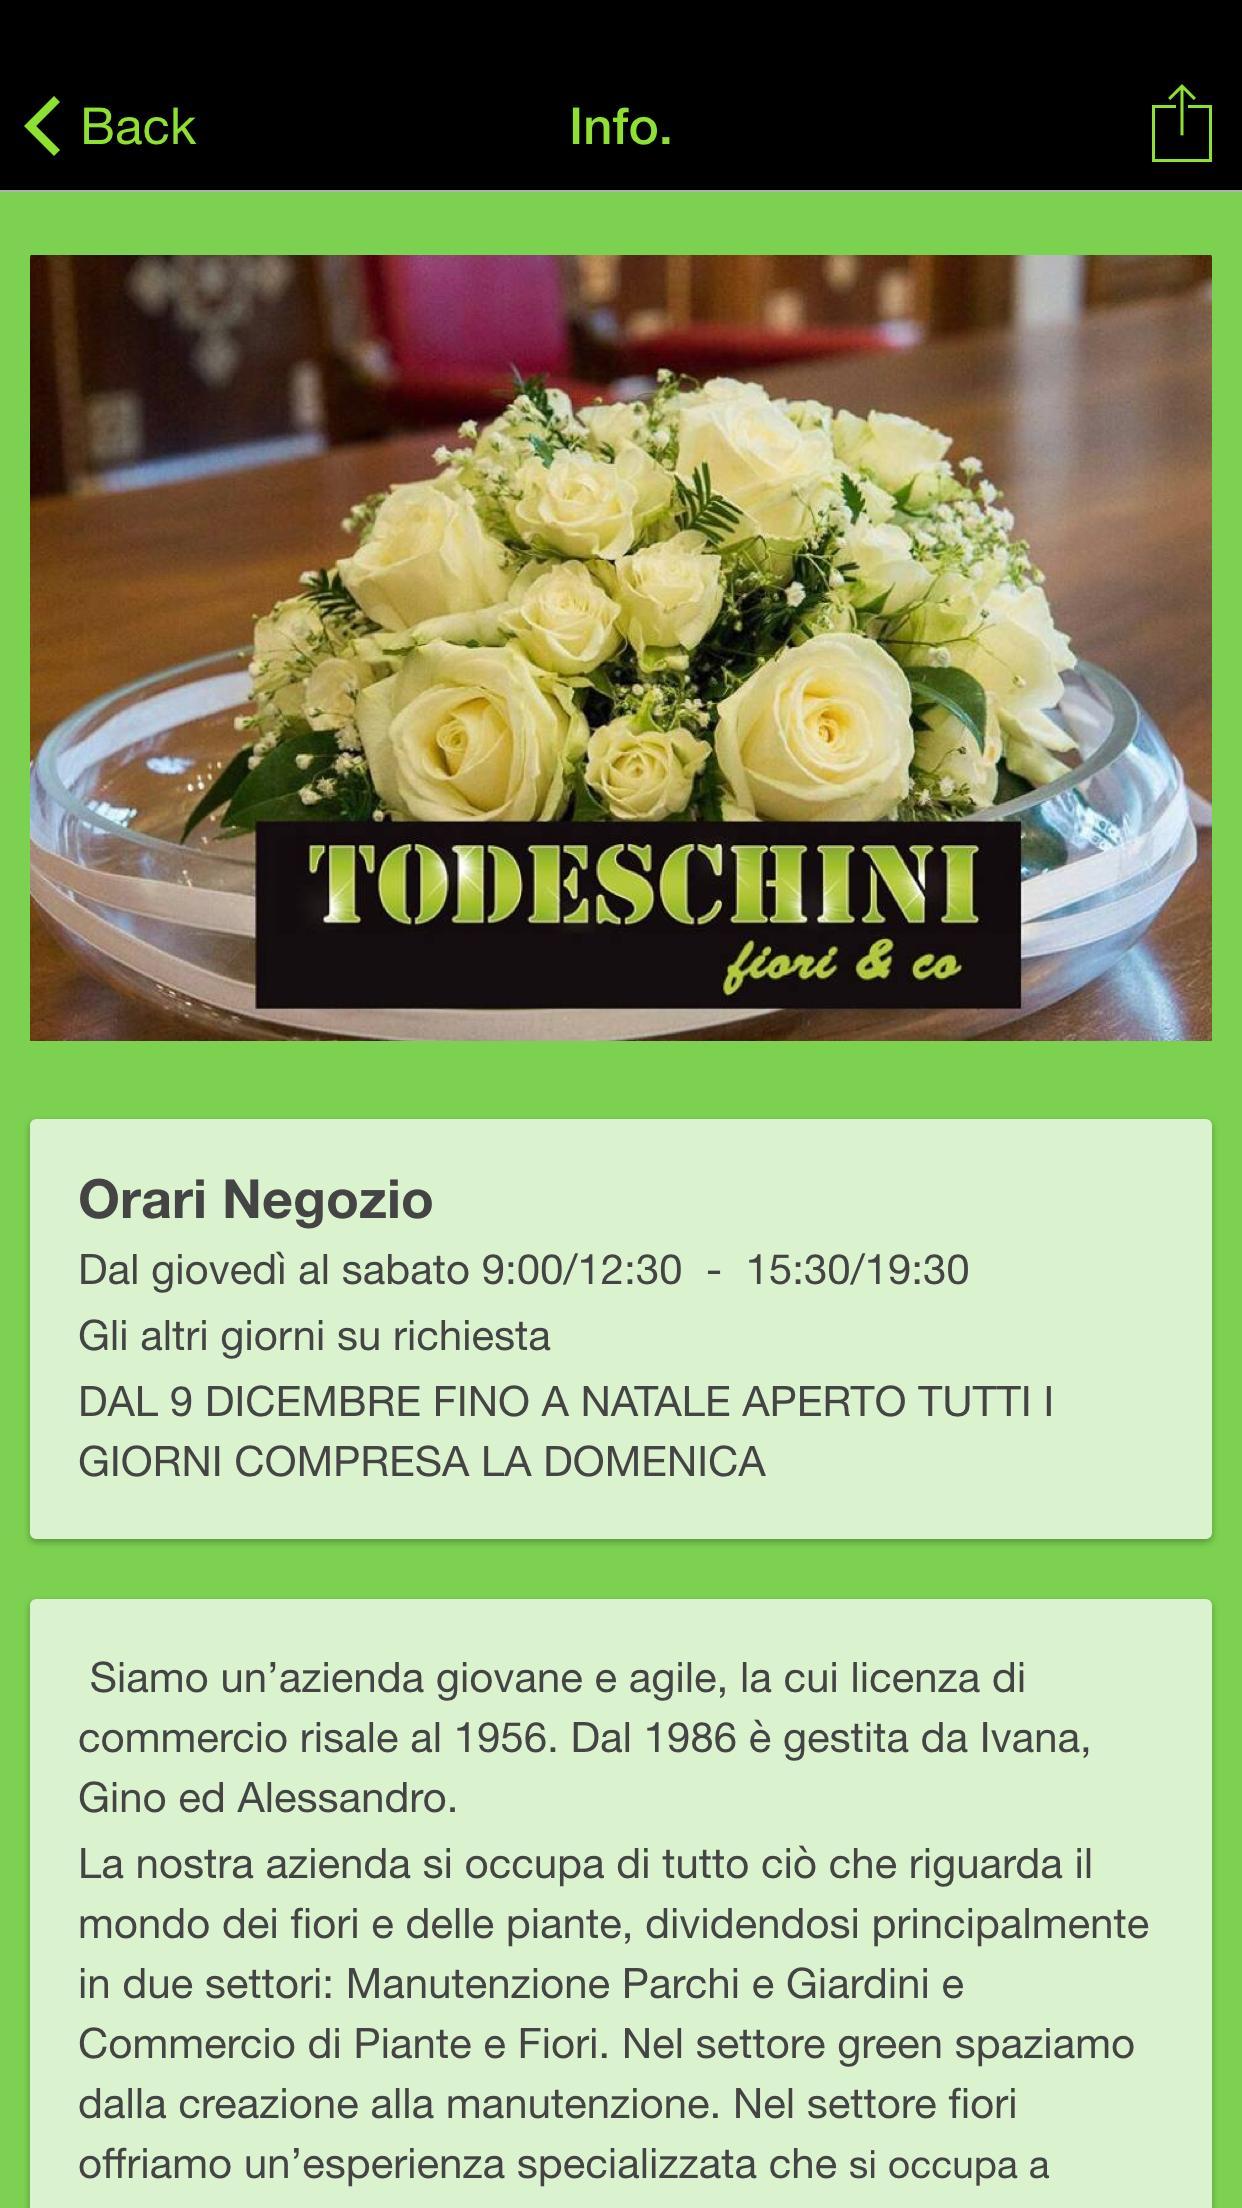 Immagini Piante E Fiori todeschini fiori & co. for android - apk download